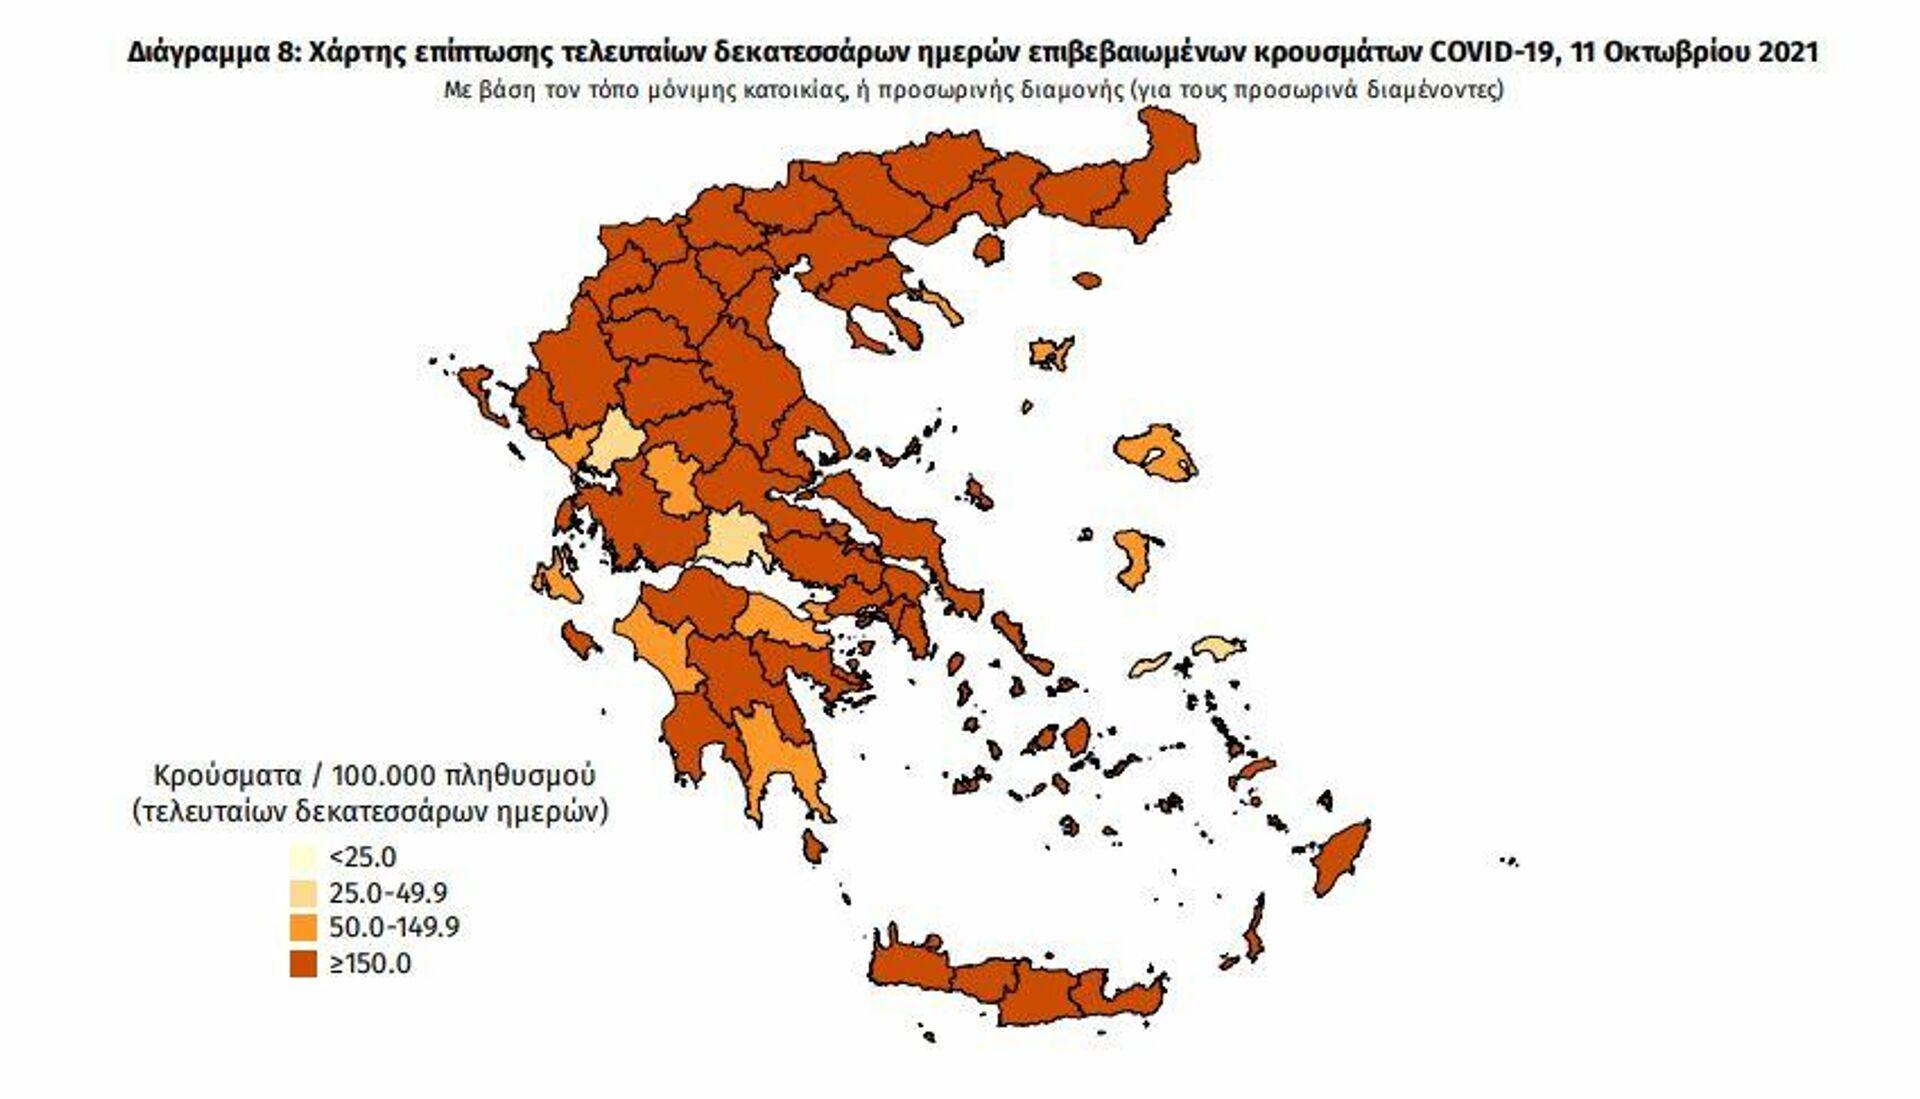 Χάρτης κορονοϊού, 11 Οκτωβρίου - Sputnik Ελλάδα, 1920, 11.10.2021